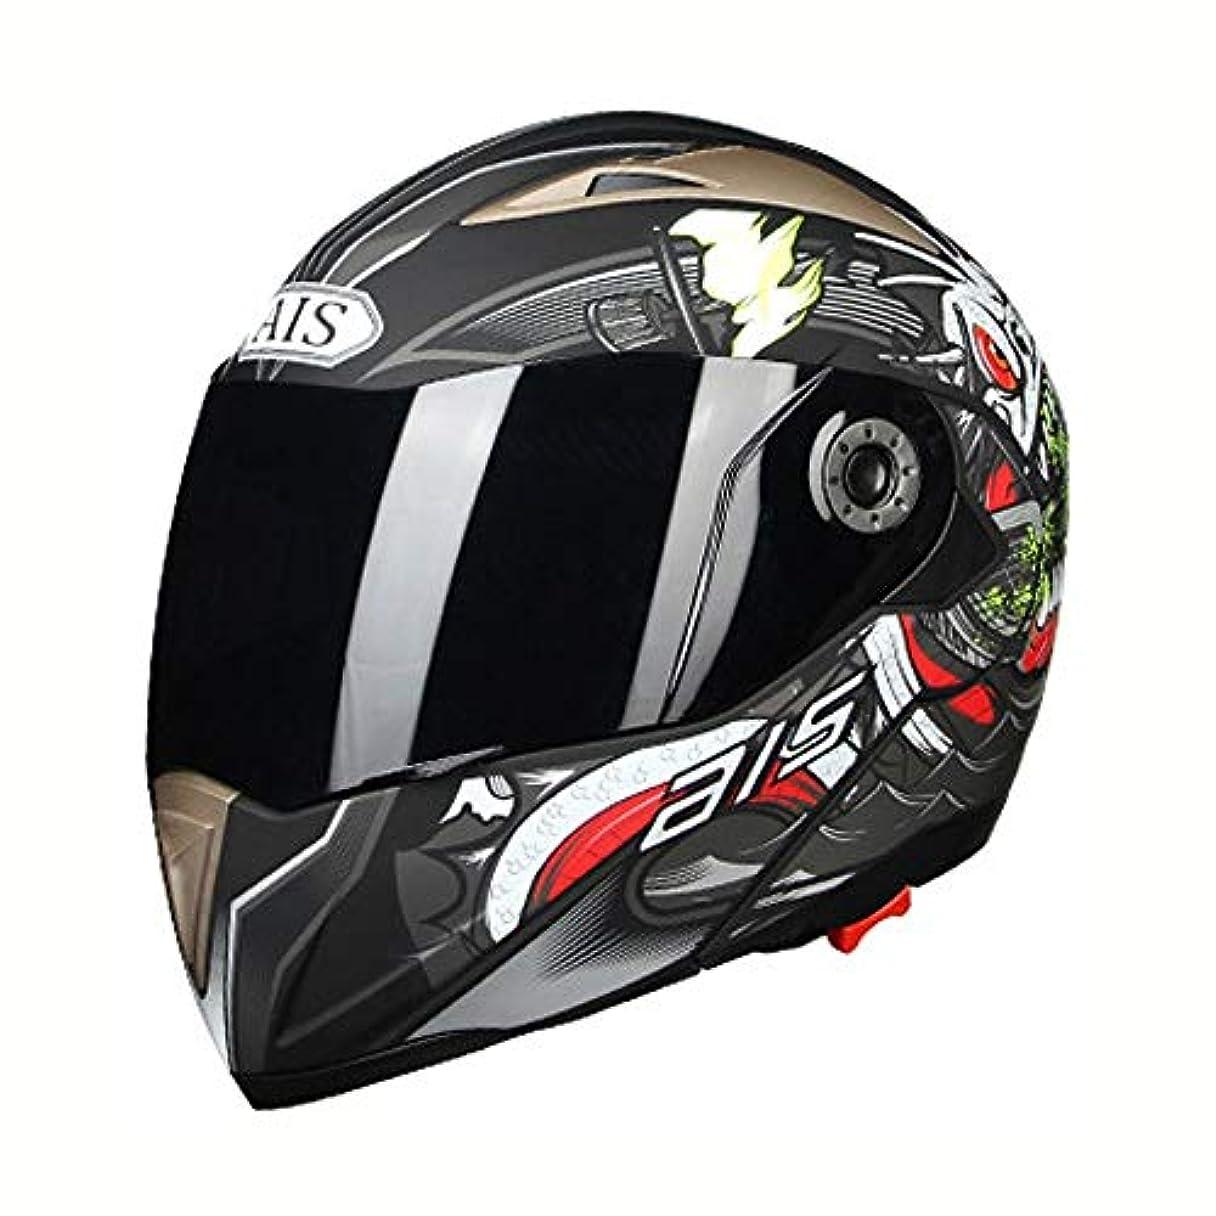 部分的に湾浸食ETH オートバイメンズフルカバーヘルメットダブルレンズ電動車機関車屋外乗馬オープンフェイスヘルメットビッグマウスフィッシュグラフィティABS 保護 (Size : XXL)